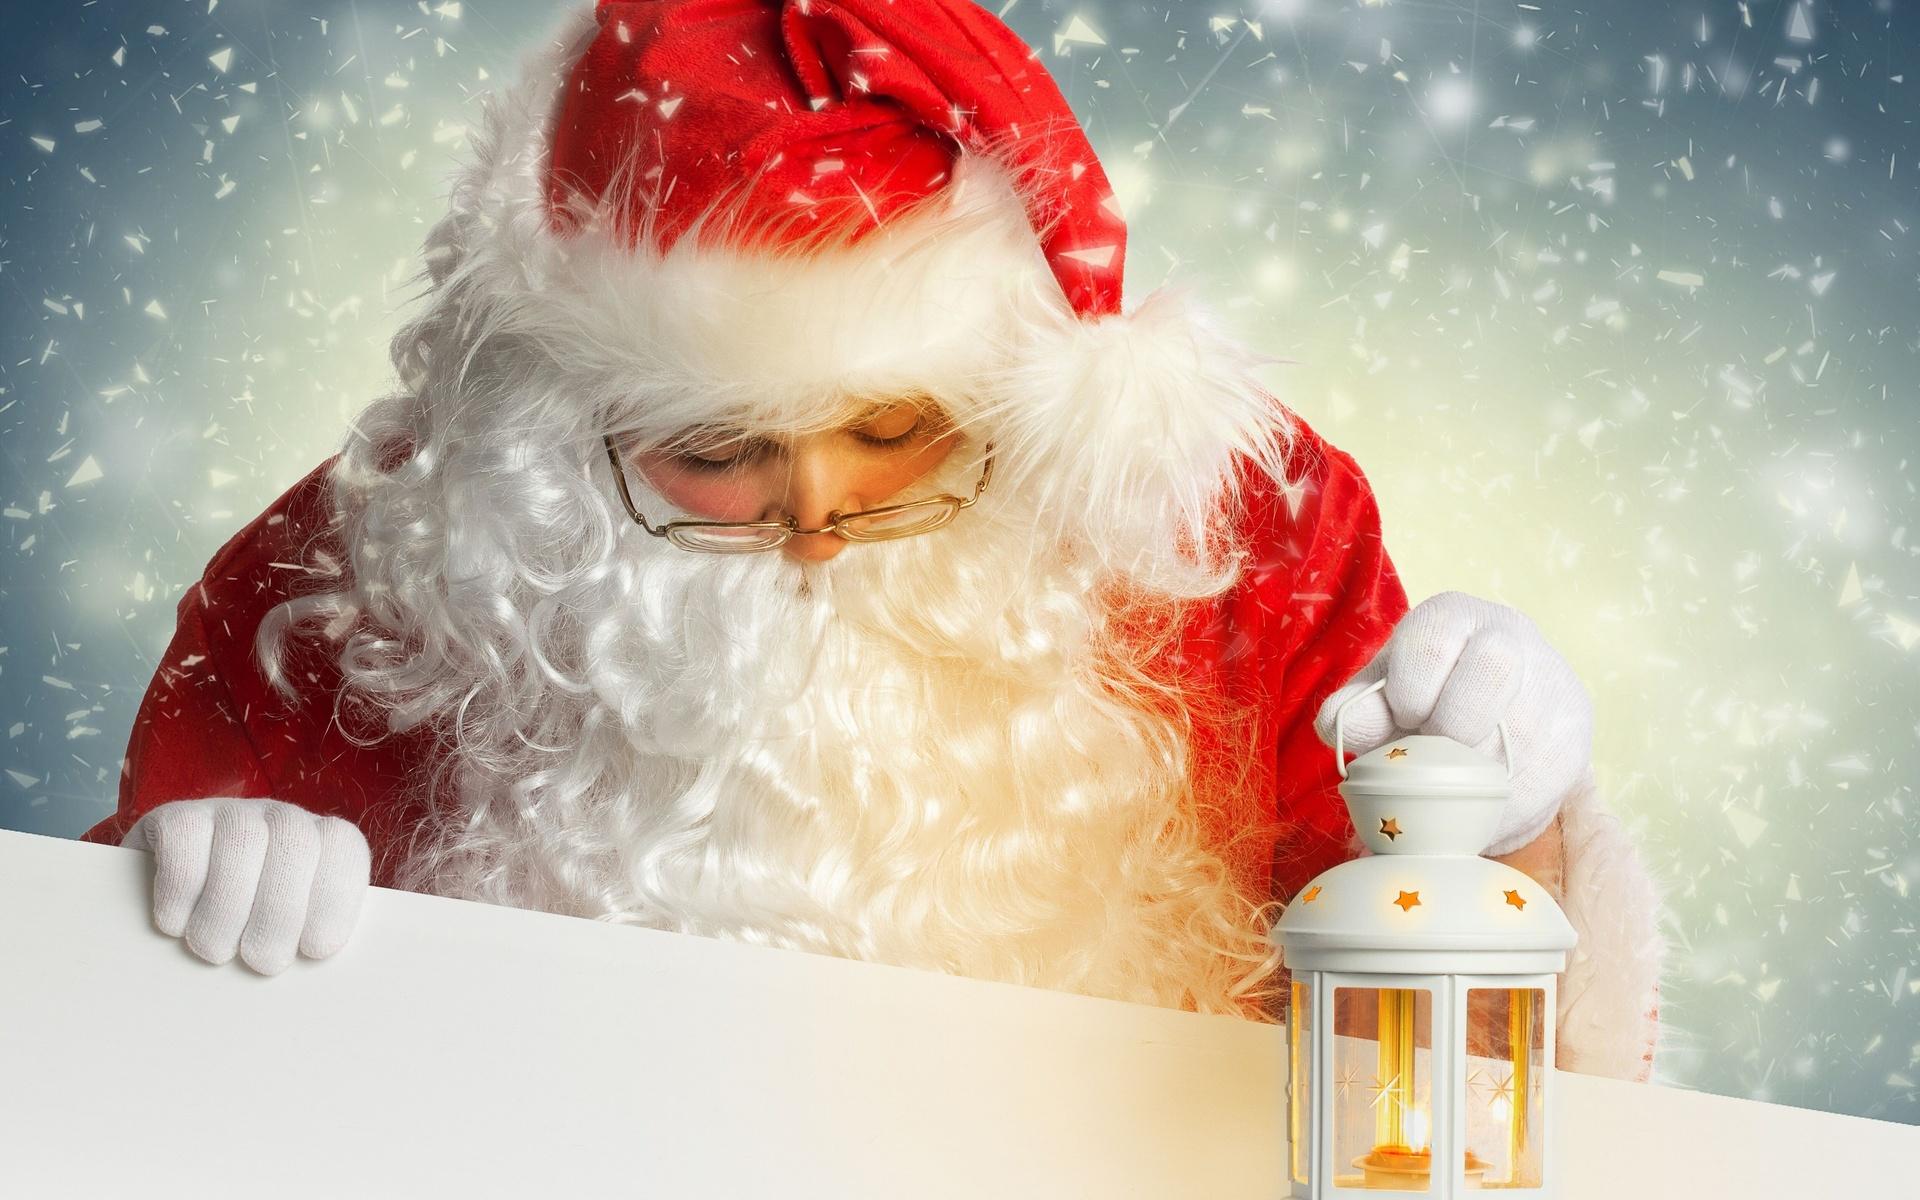 Дед мороз картинка смешно, днем дипломата